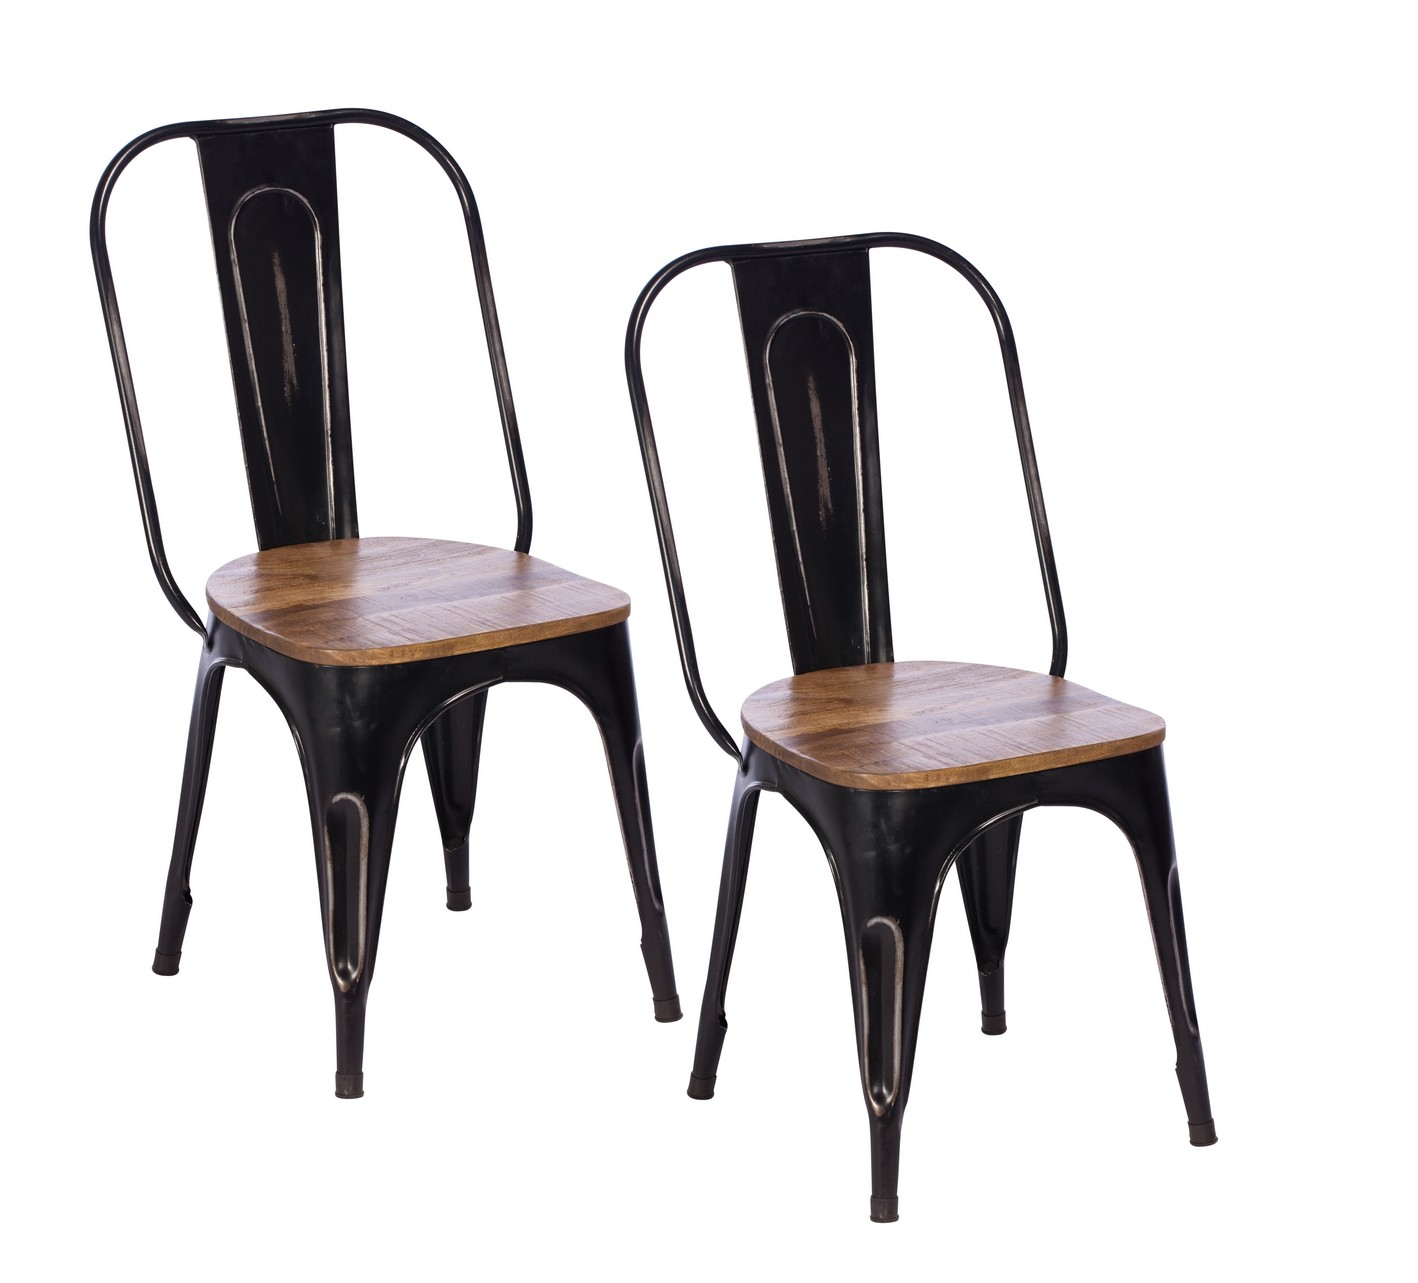 Chaise Bois Et Metal Industriel chaise industrielle métal noir bois recyclé leeds (lot de 2)